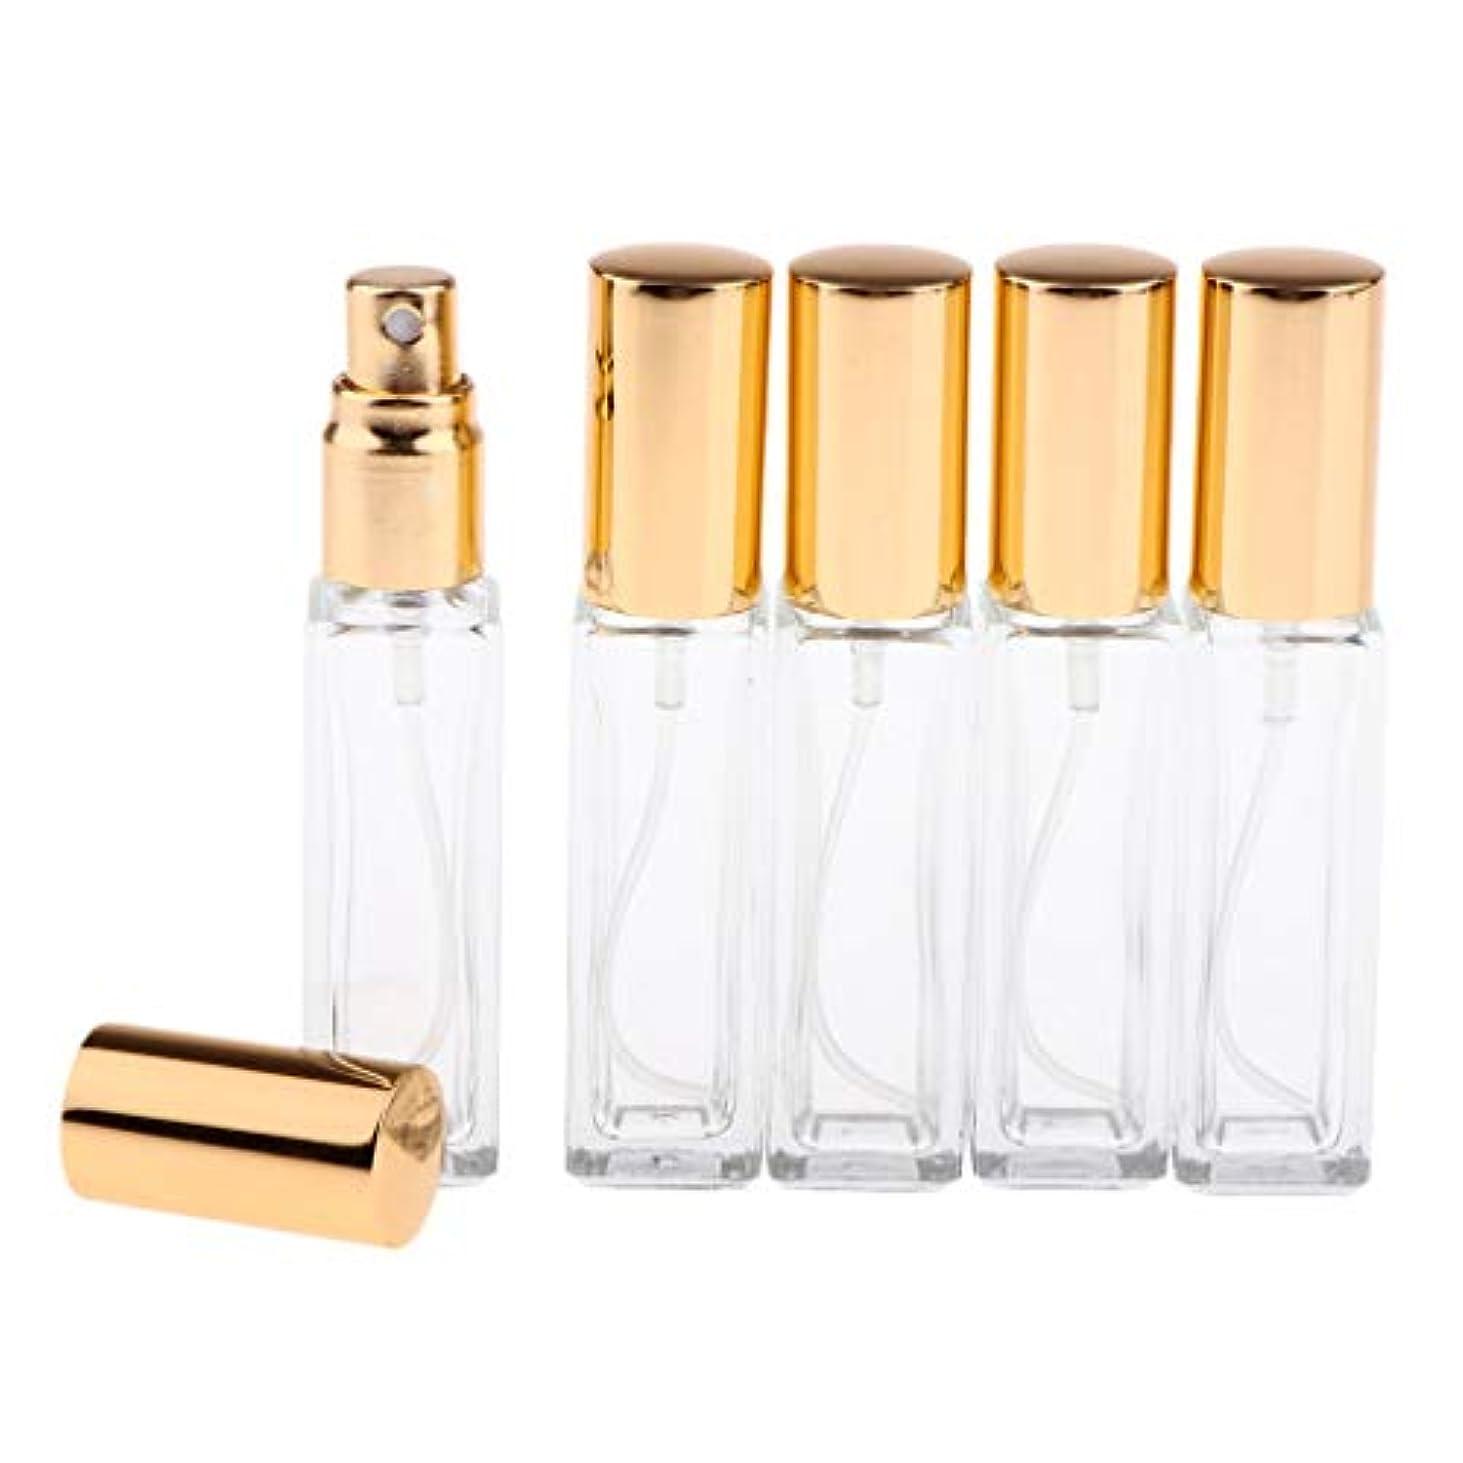 車両競争アルプスPerfeclan 香水アトマイザー スプレーボトル 空のボトル ポンプボトル ファインミストスプレーボトル 6カラー 5個 - 金色キャップ